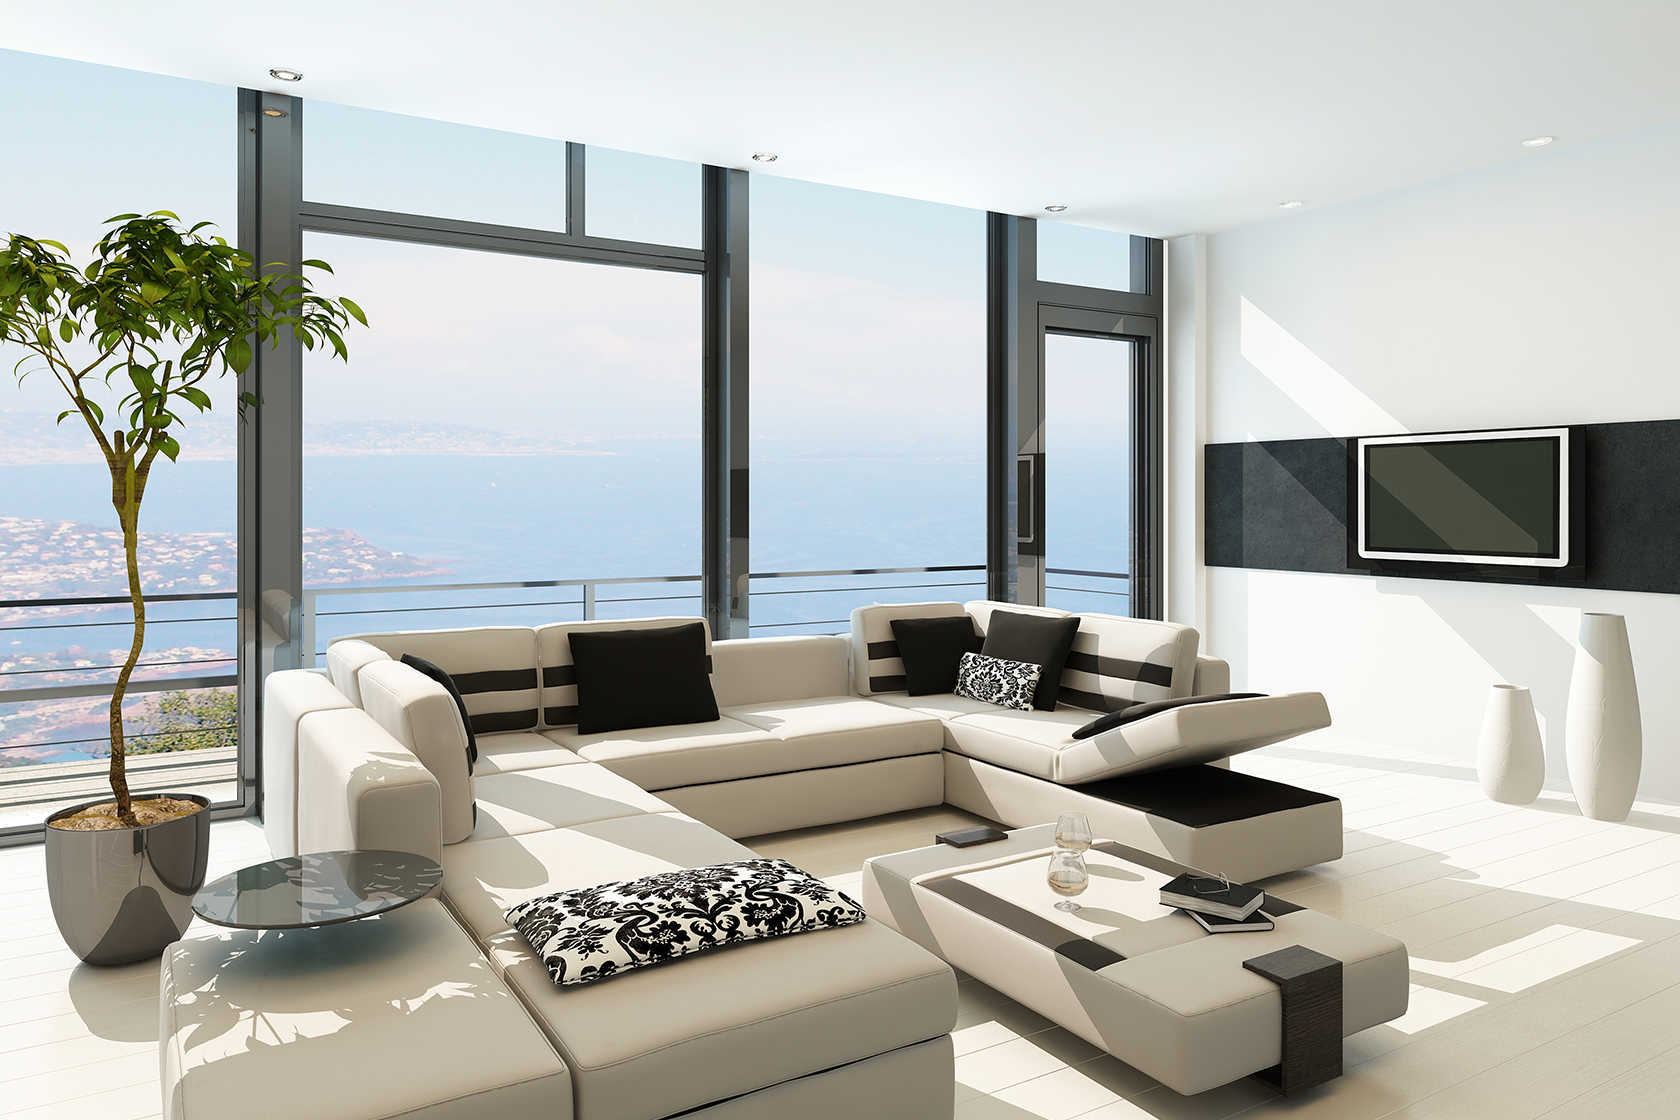 Salón minimalista sofá blanco pared de cristal con vistas al mar